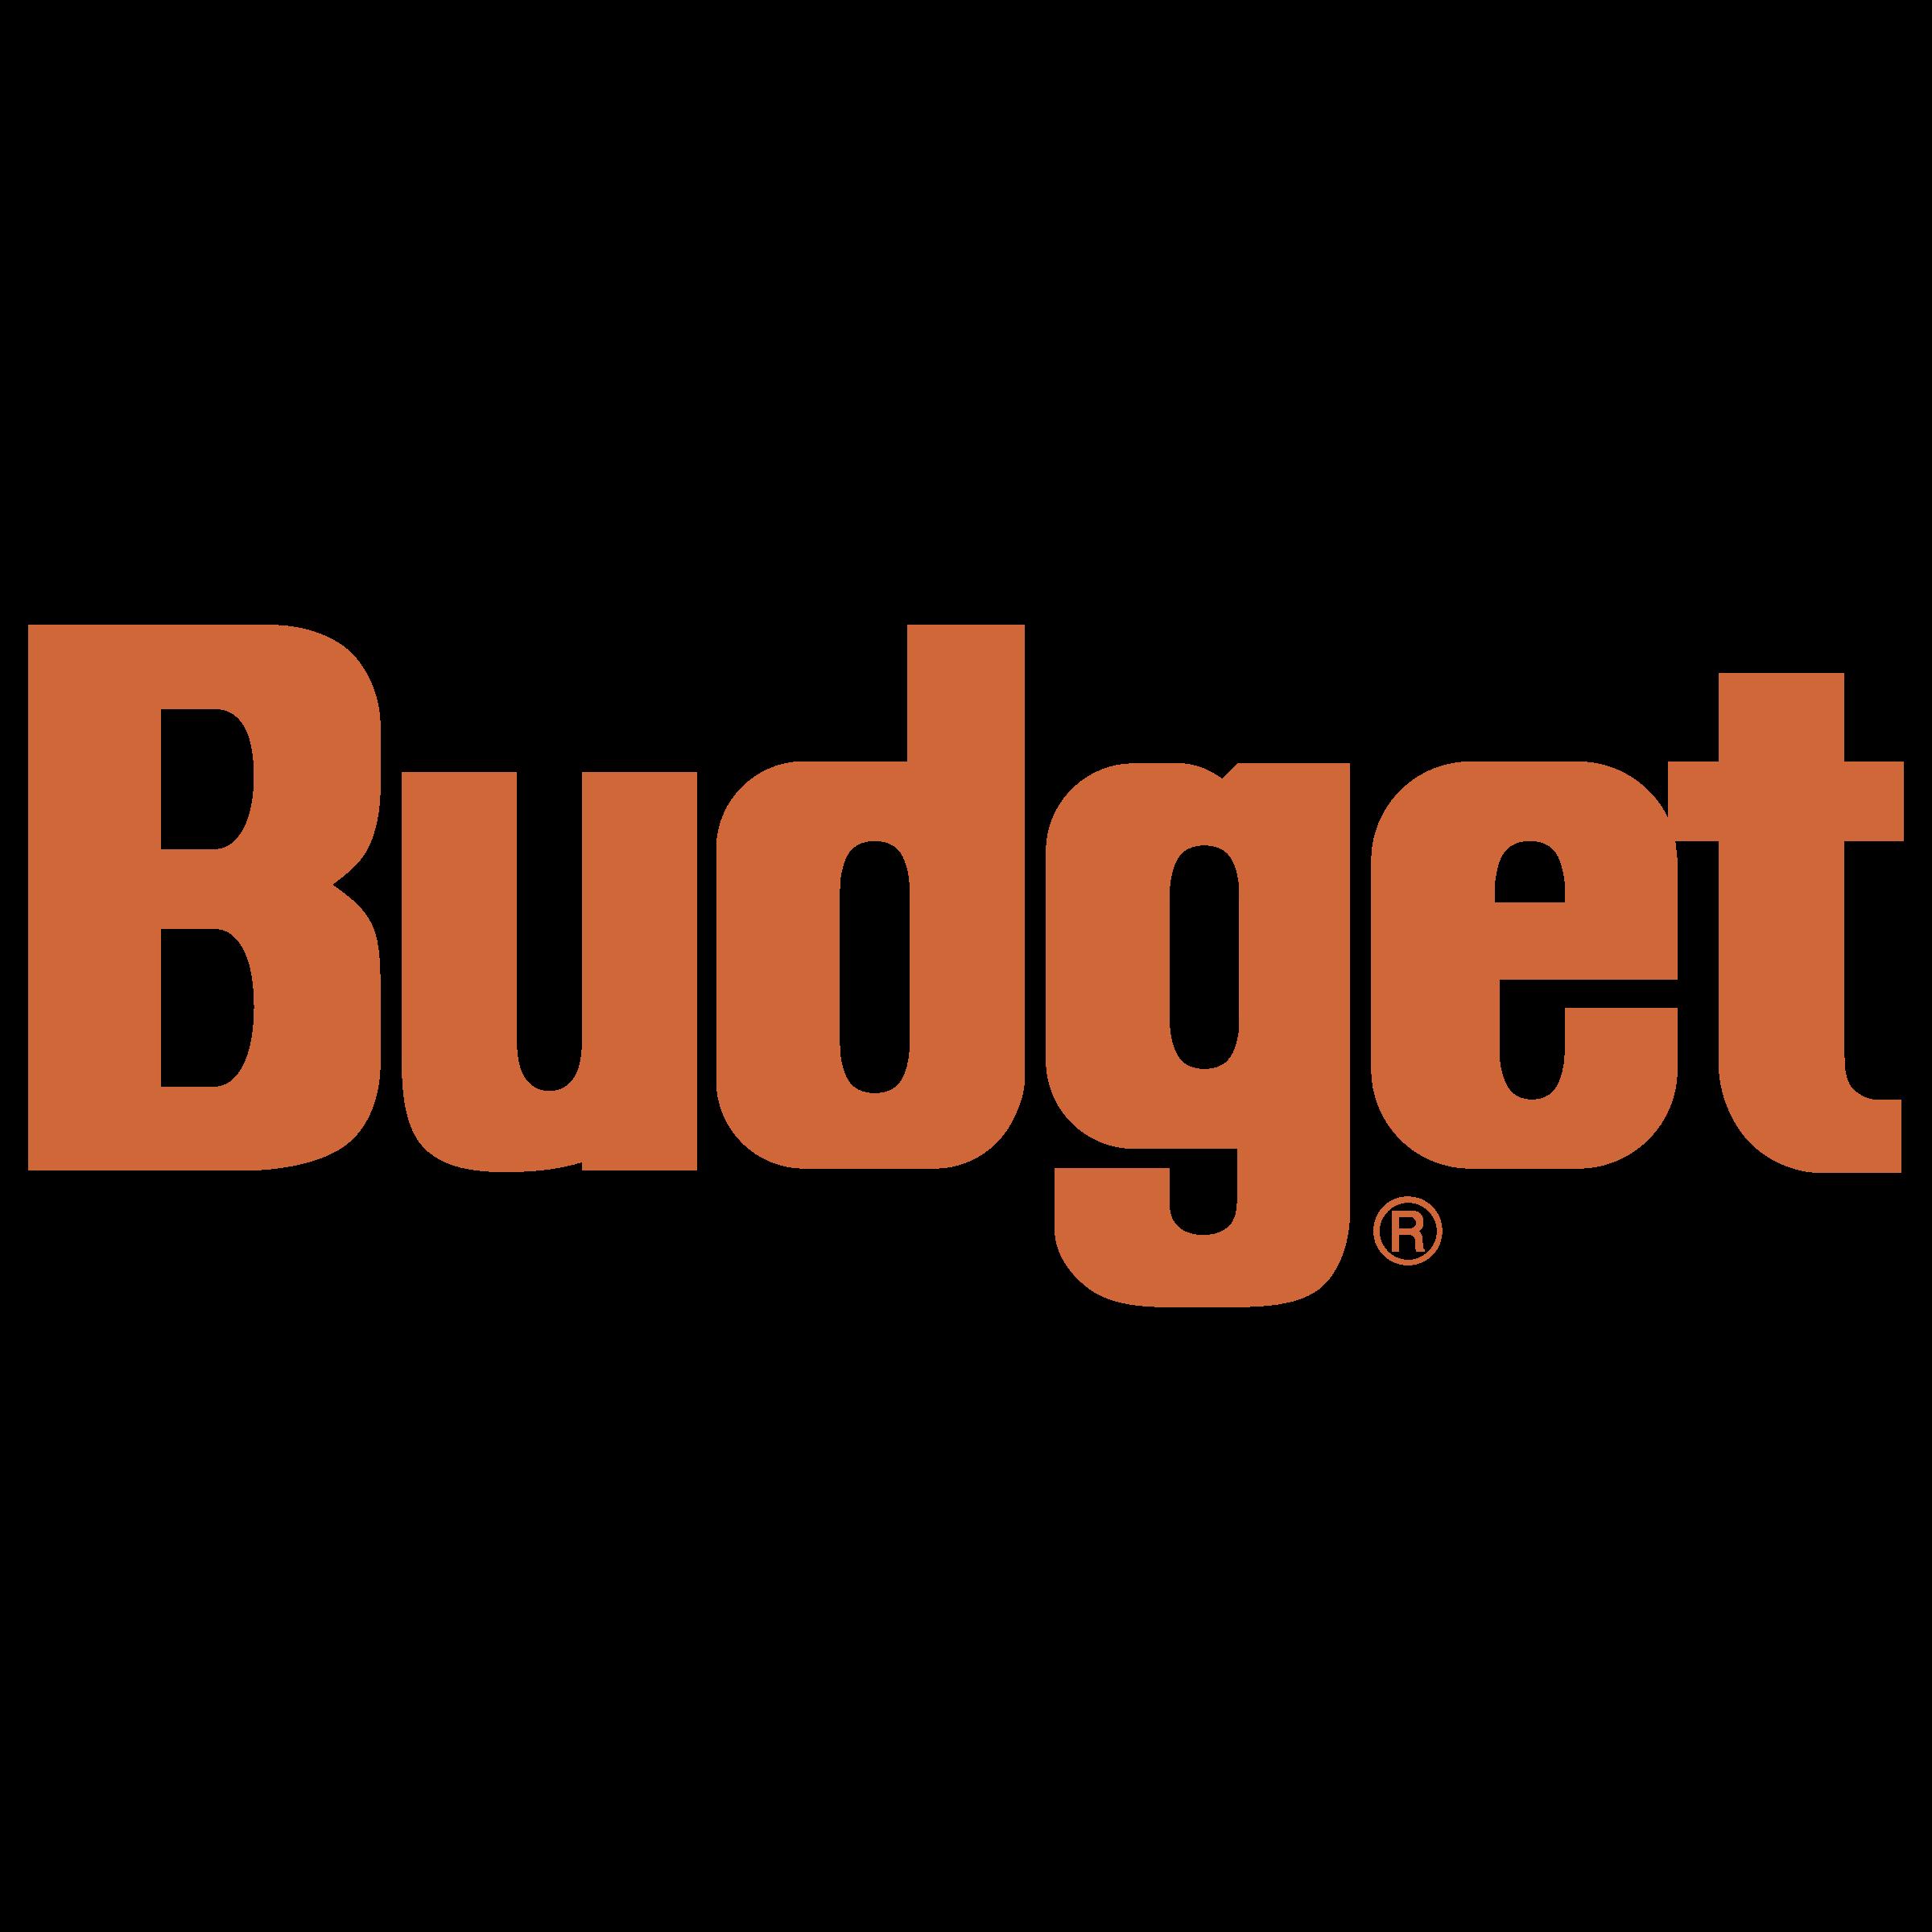 Budget Logo PNG Transparent & SVG Vector.